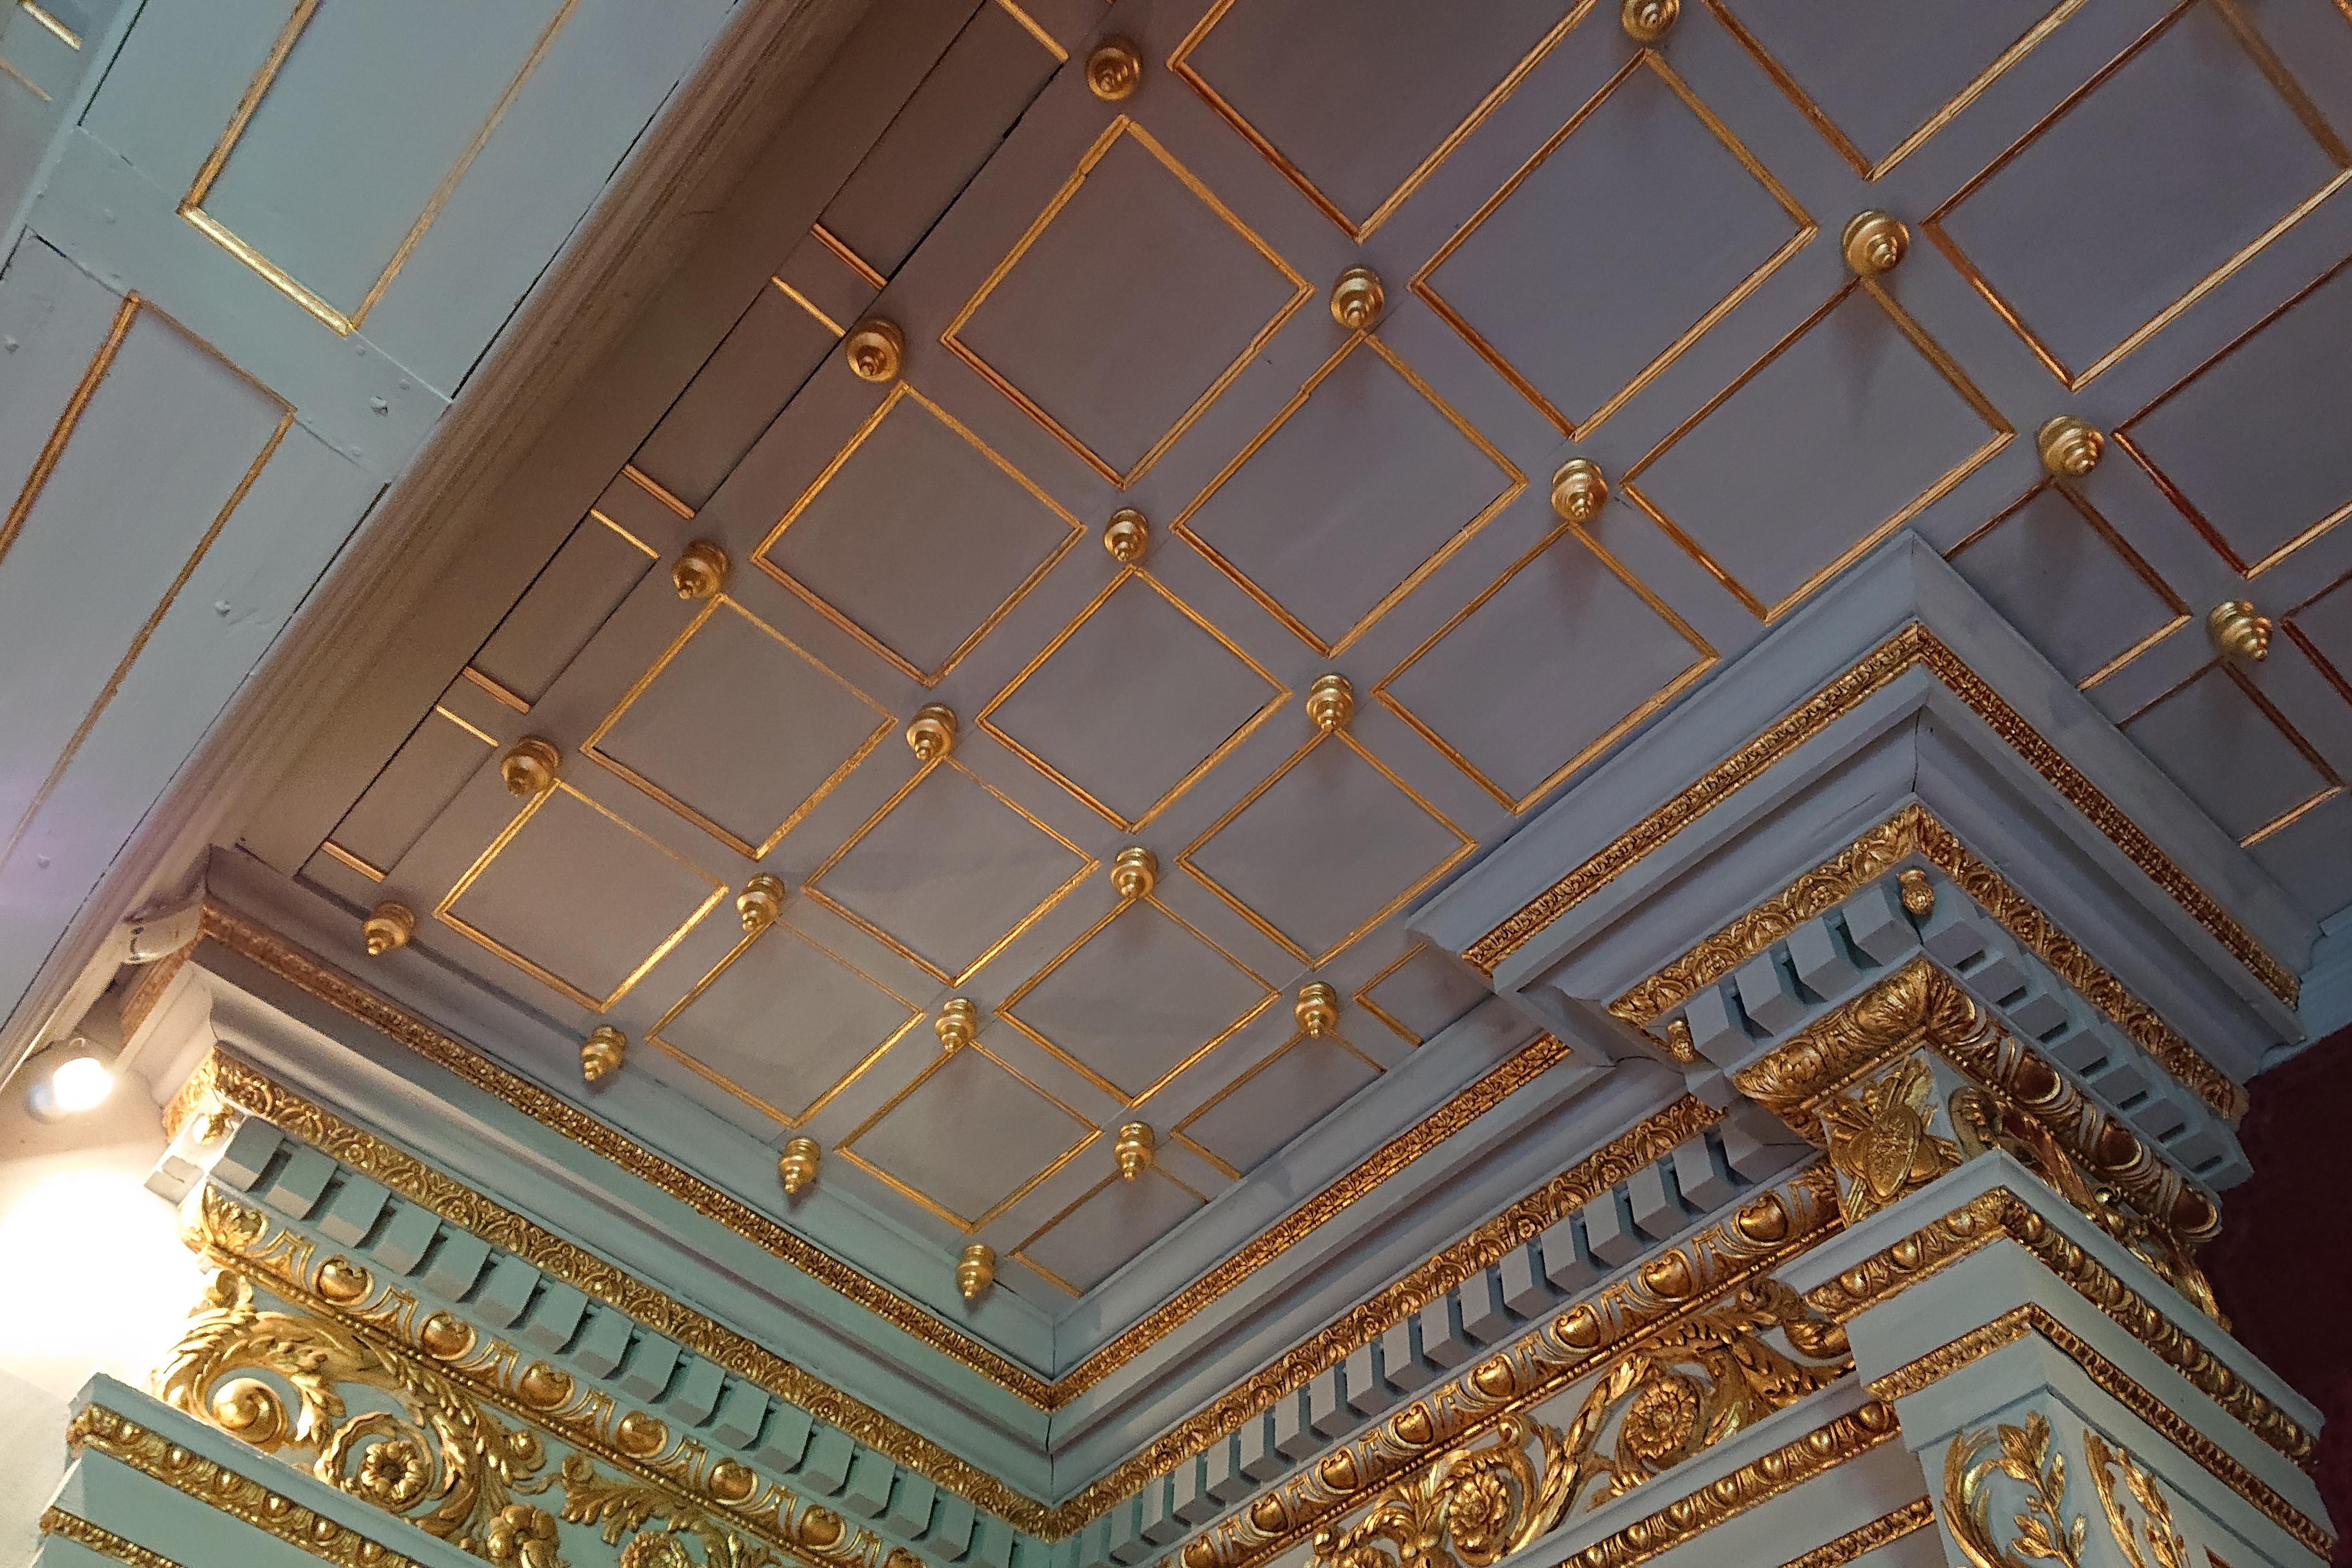 fichier:plafond chambre dorée châteaubriant — wikipédia